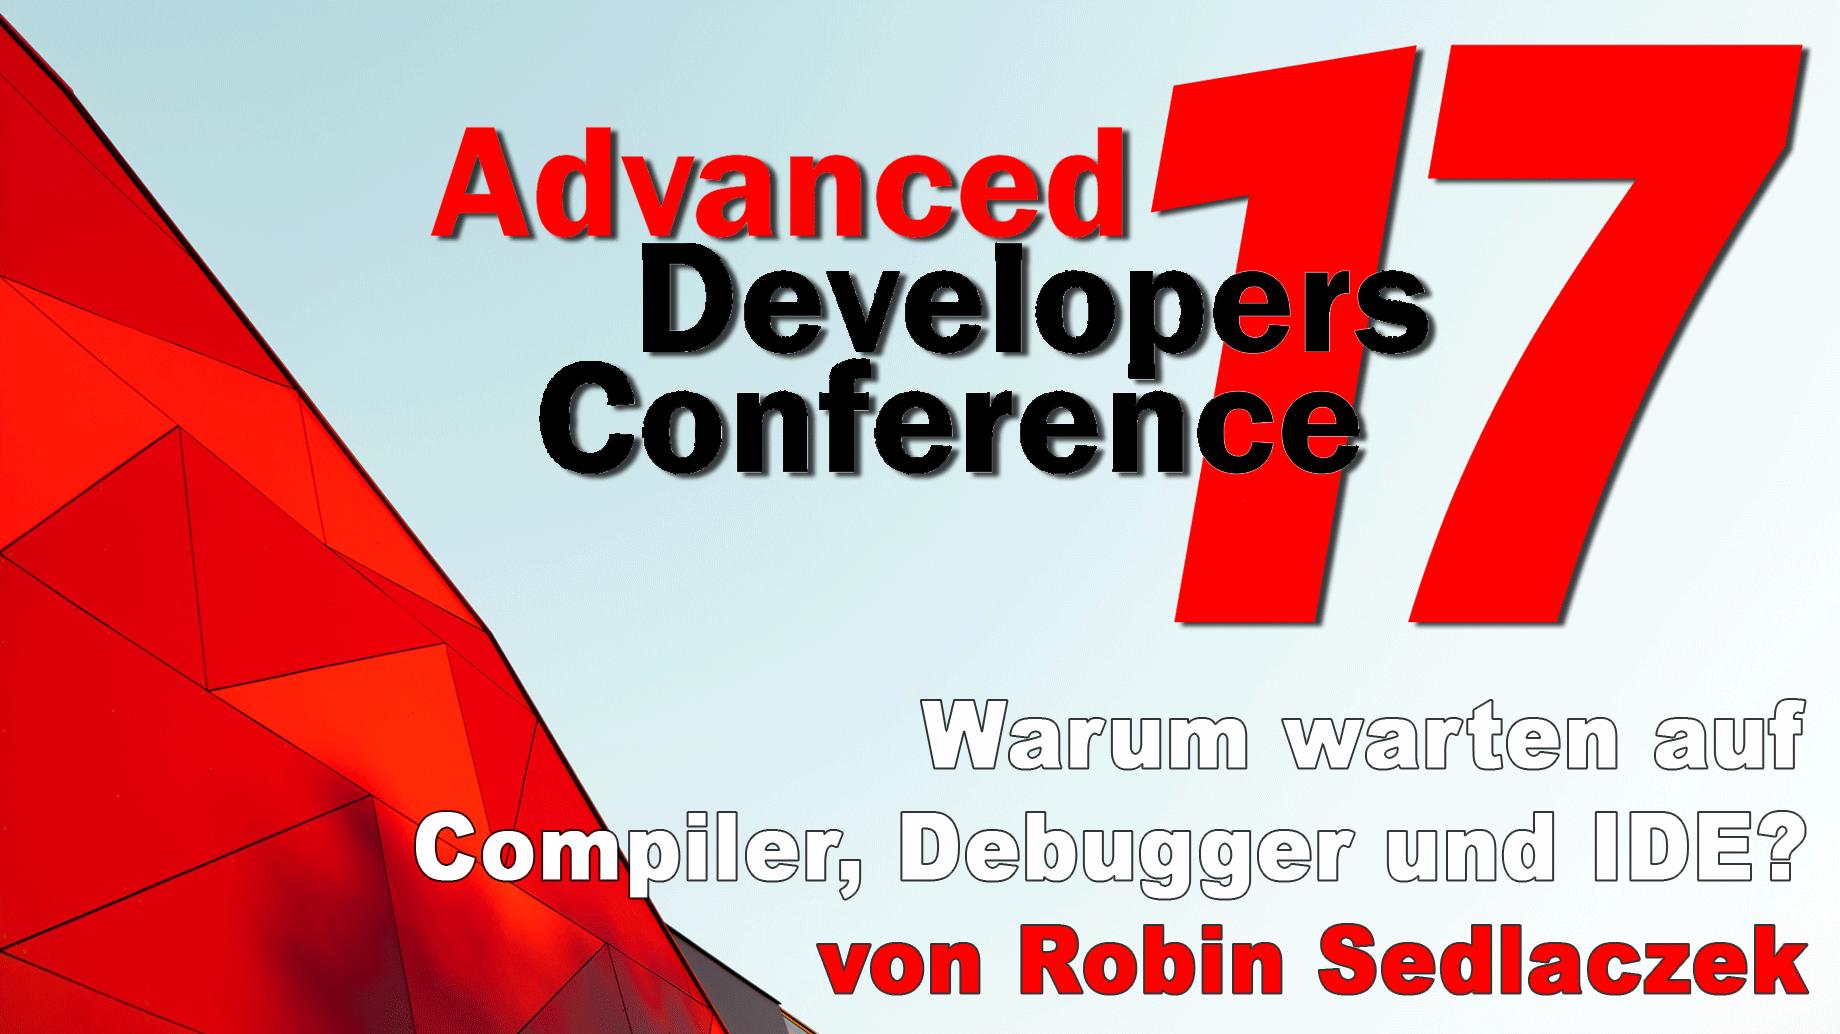 2017/ADCpp/Vortrag2-Warum-warten-auf-Compiler-Debugger-IDE-RobinSedlaczek